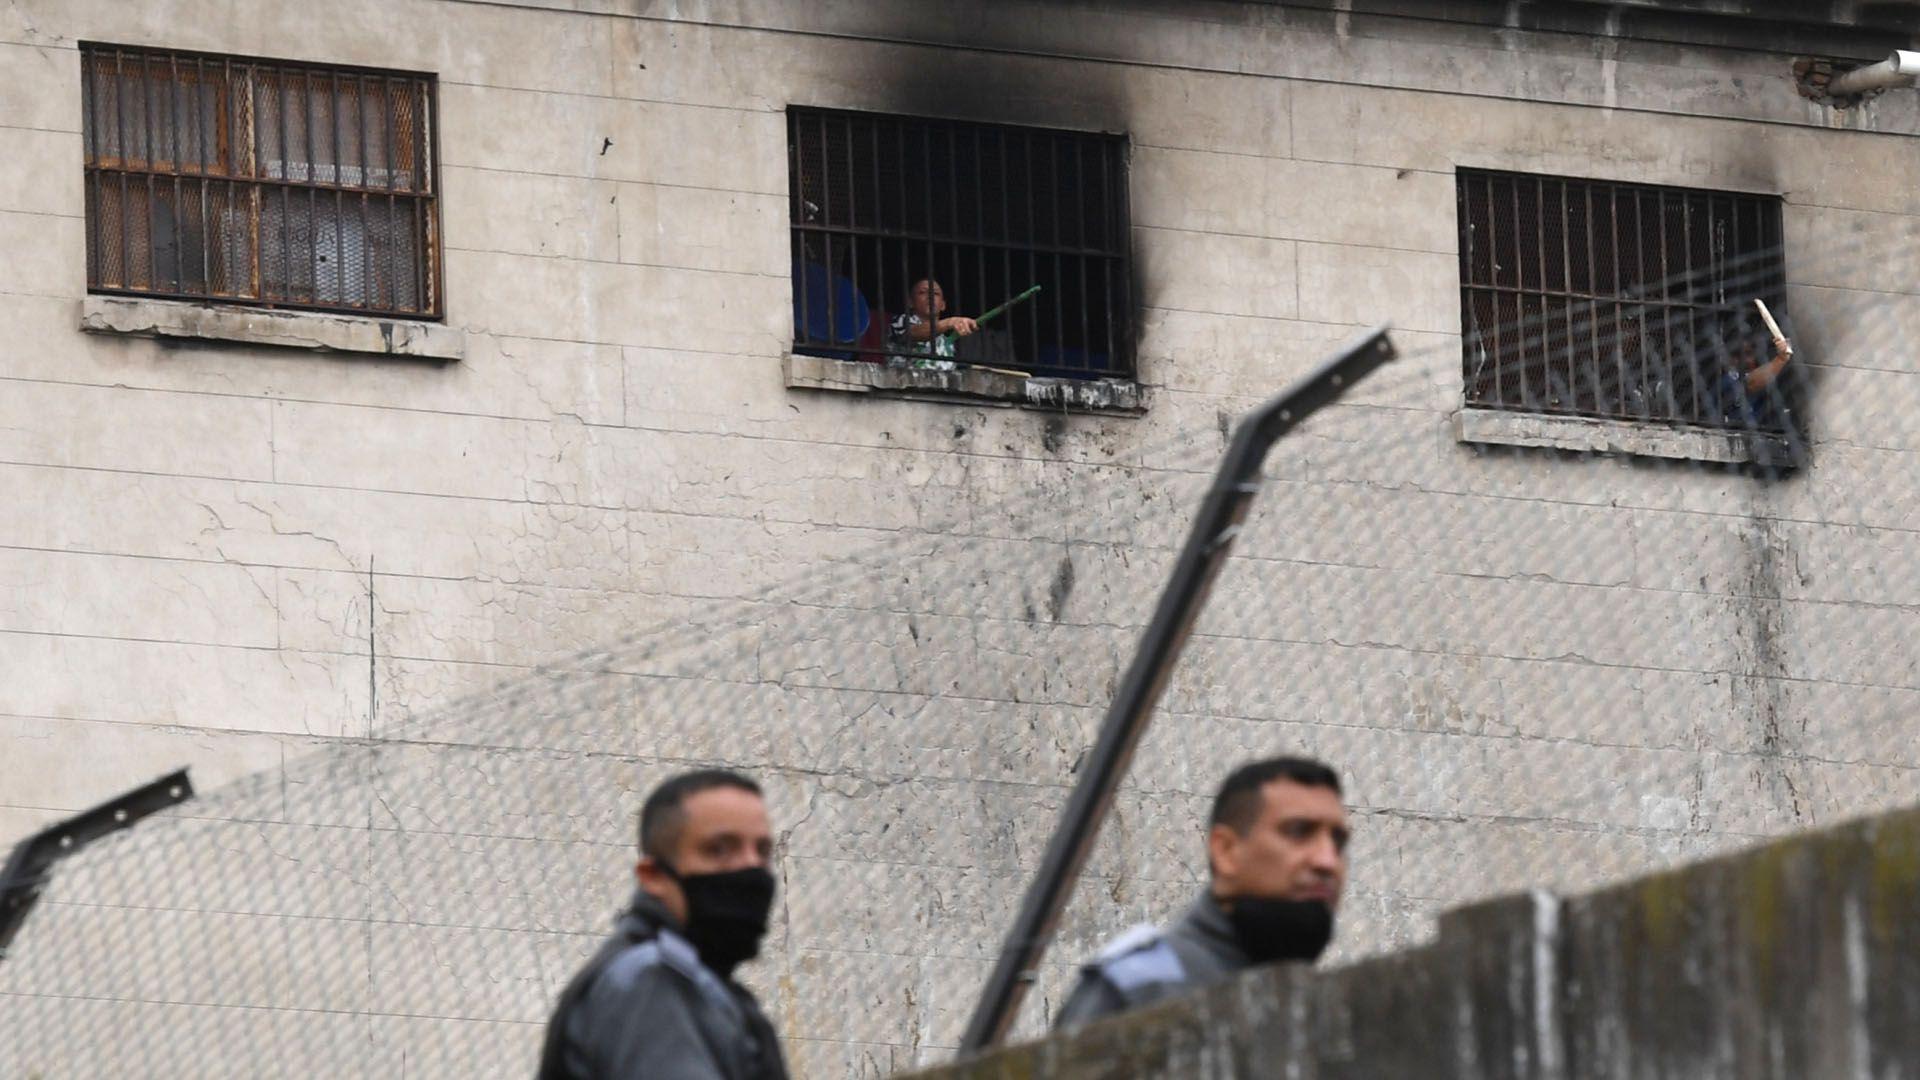 Un grupo de presos en la cárcel de Villa Devoto se amotinaron para reclamar mejores condiciones de detención y el otorgamiento de la prisión domiciliario. (Maximiliano Luna)